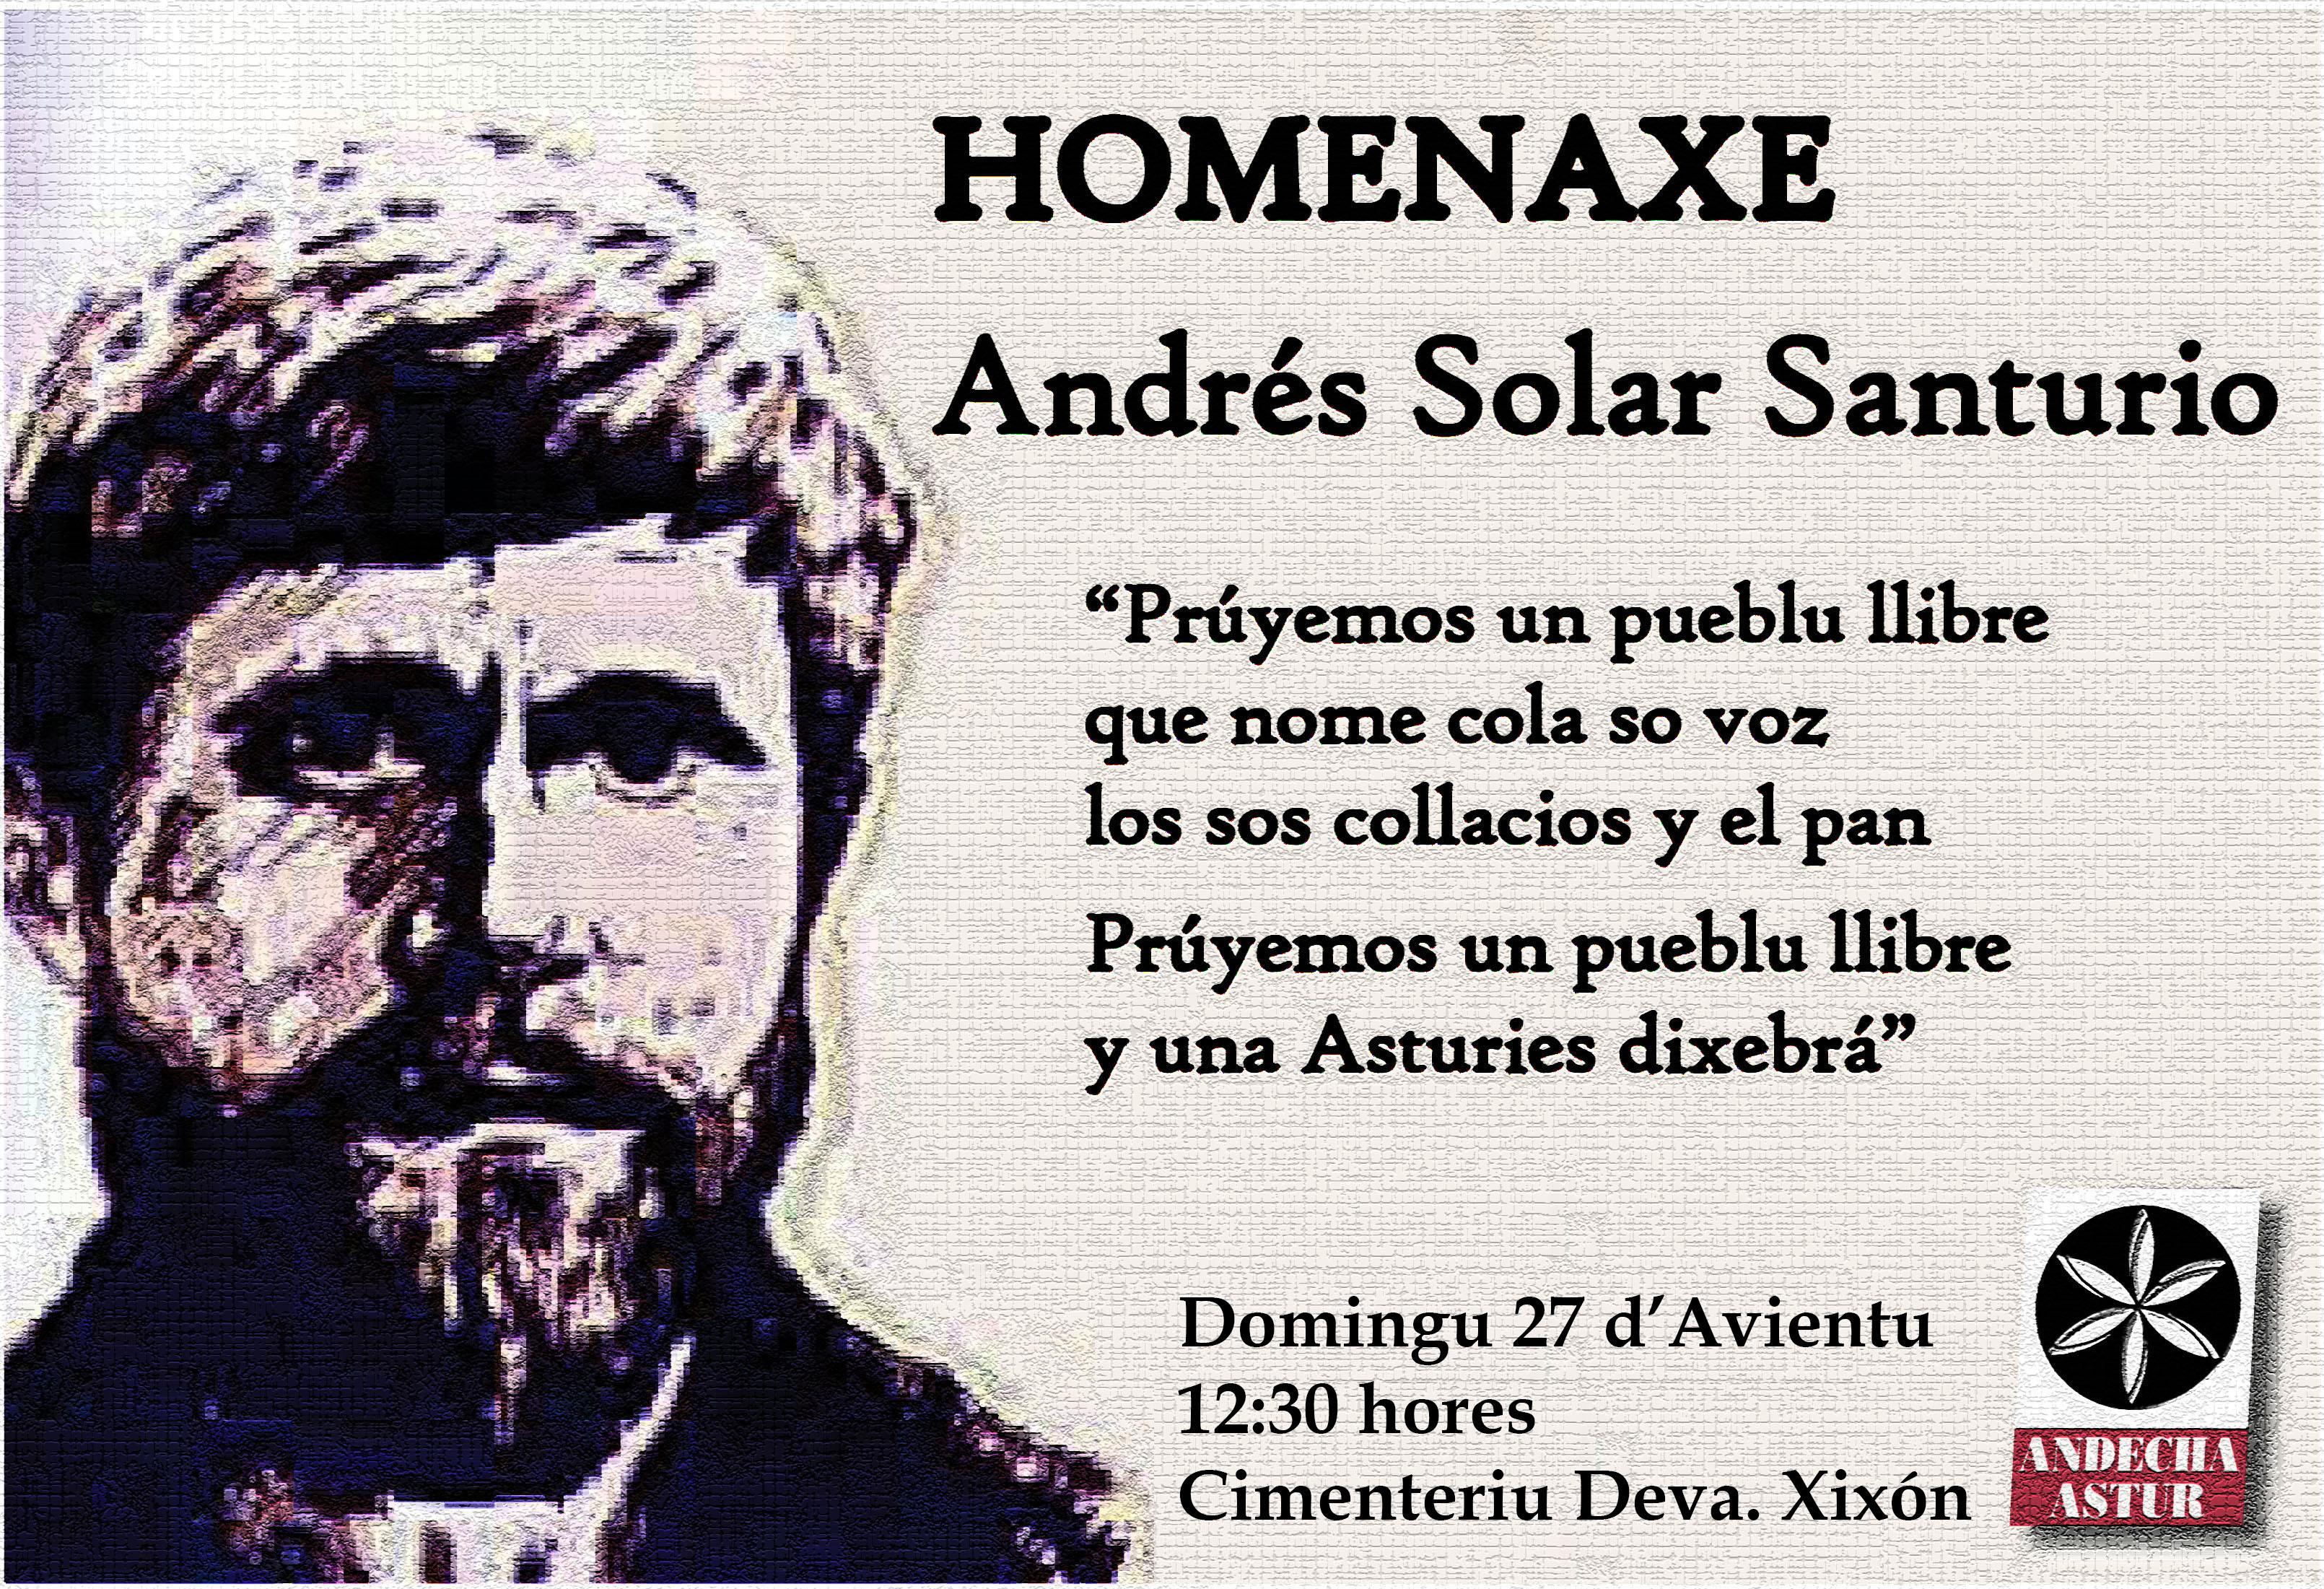 Homenaxe y reivindicación d'Andrés Solar